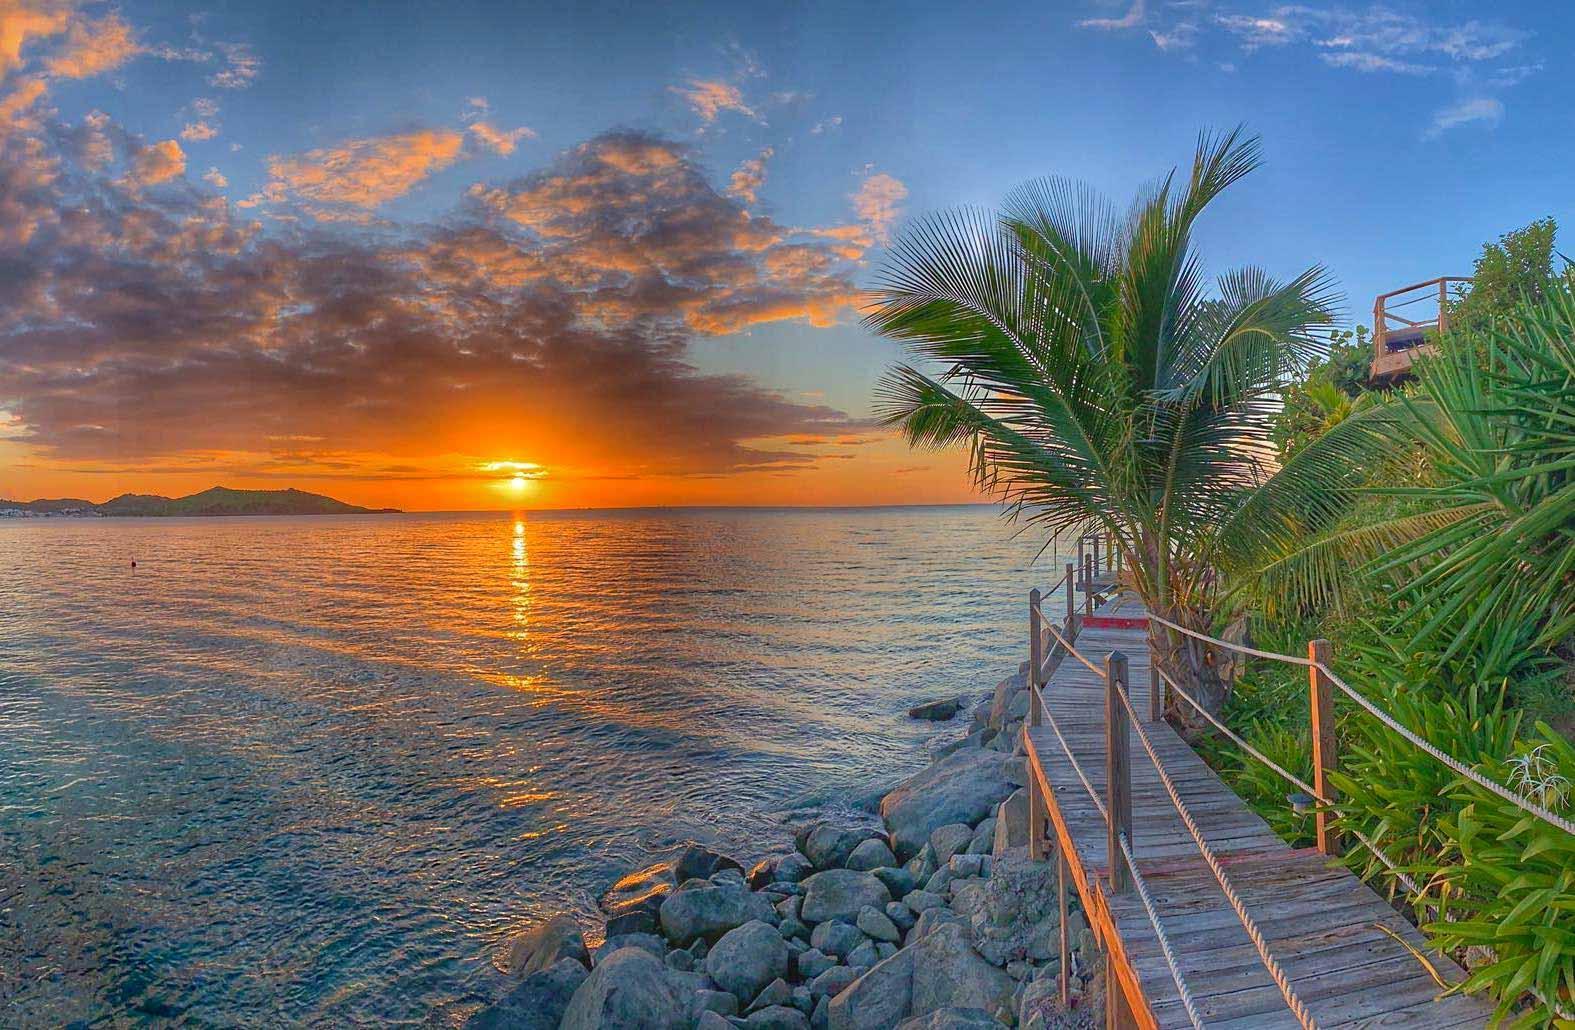 Le coucher de soleil depuis le Grand Case Beach Club © DR